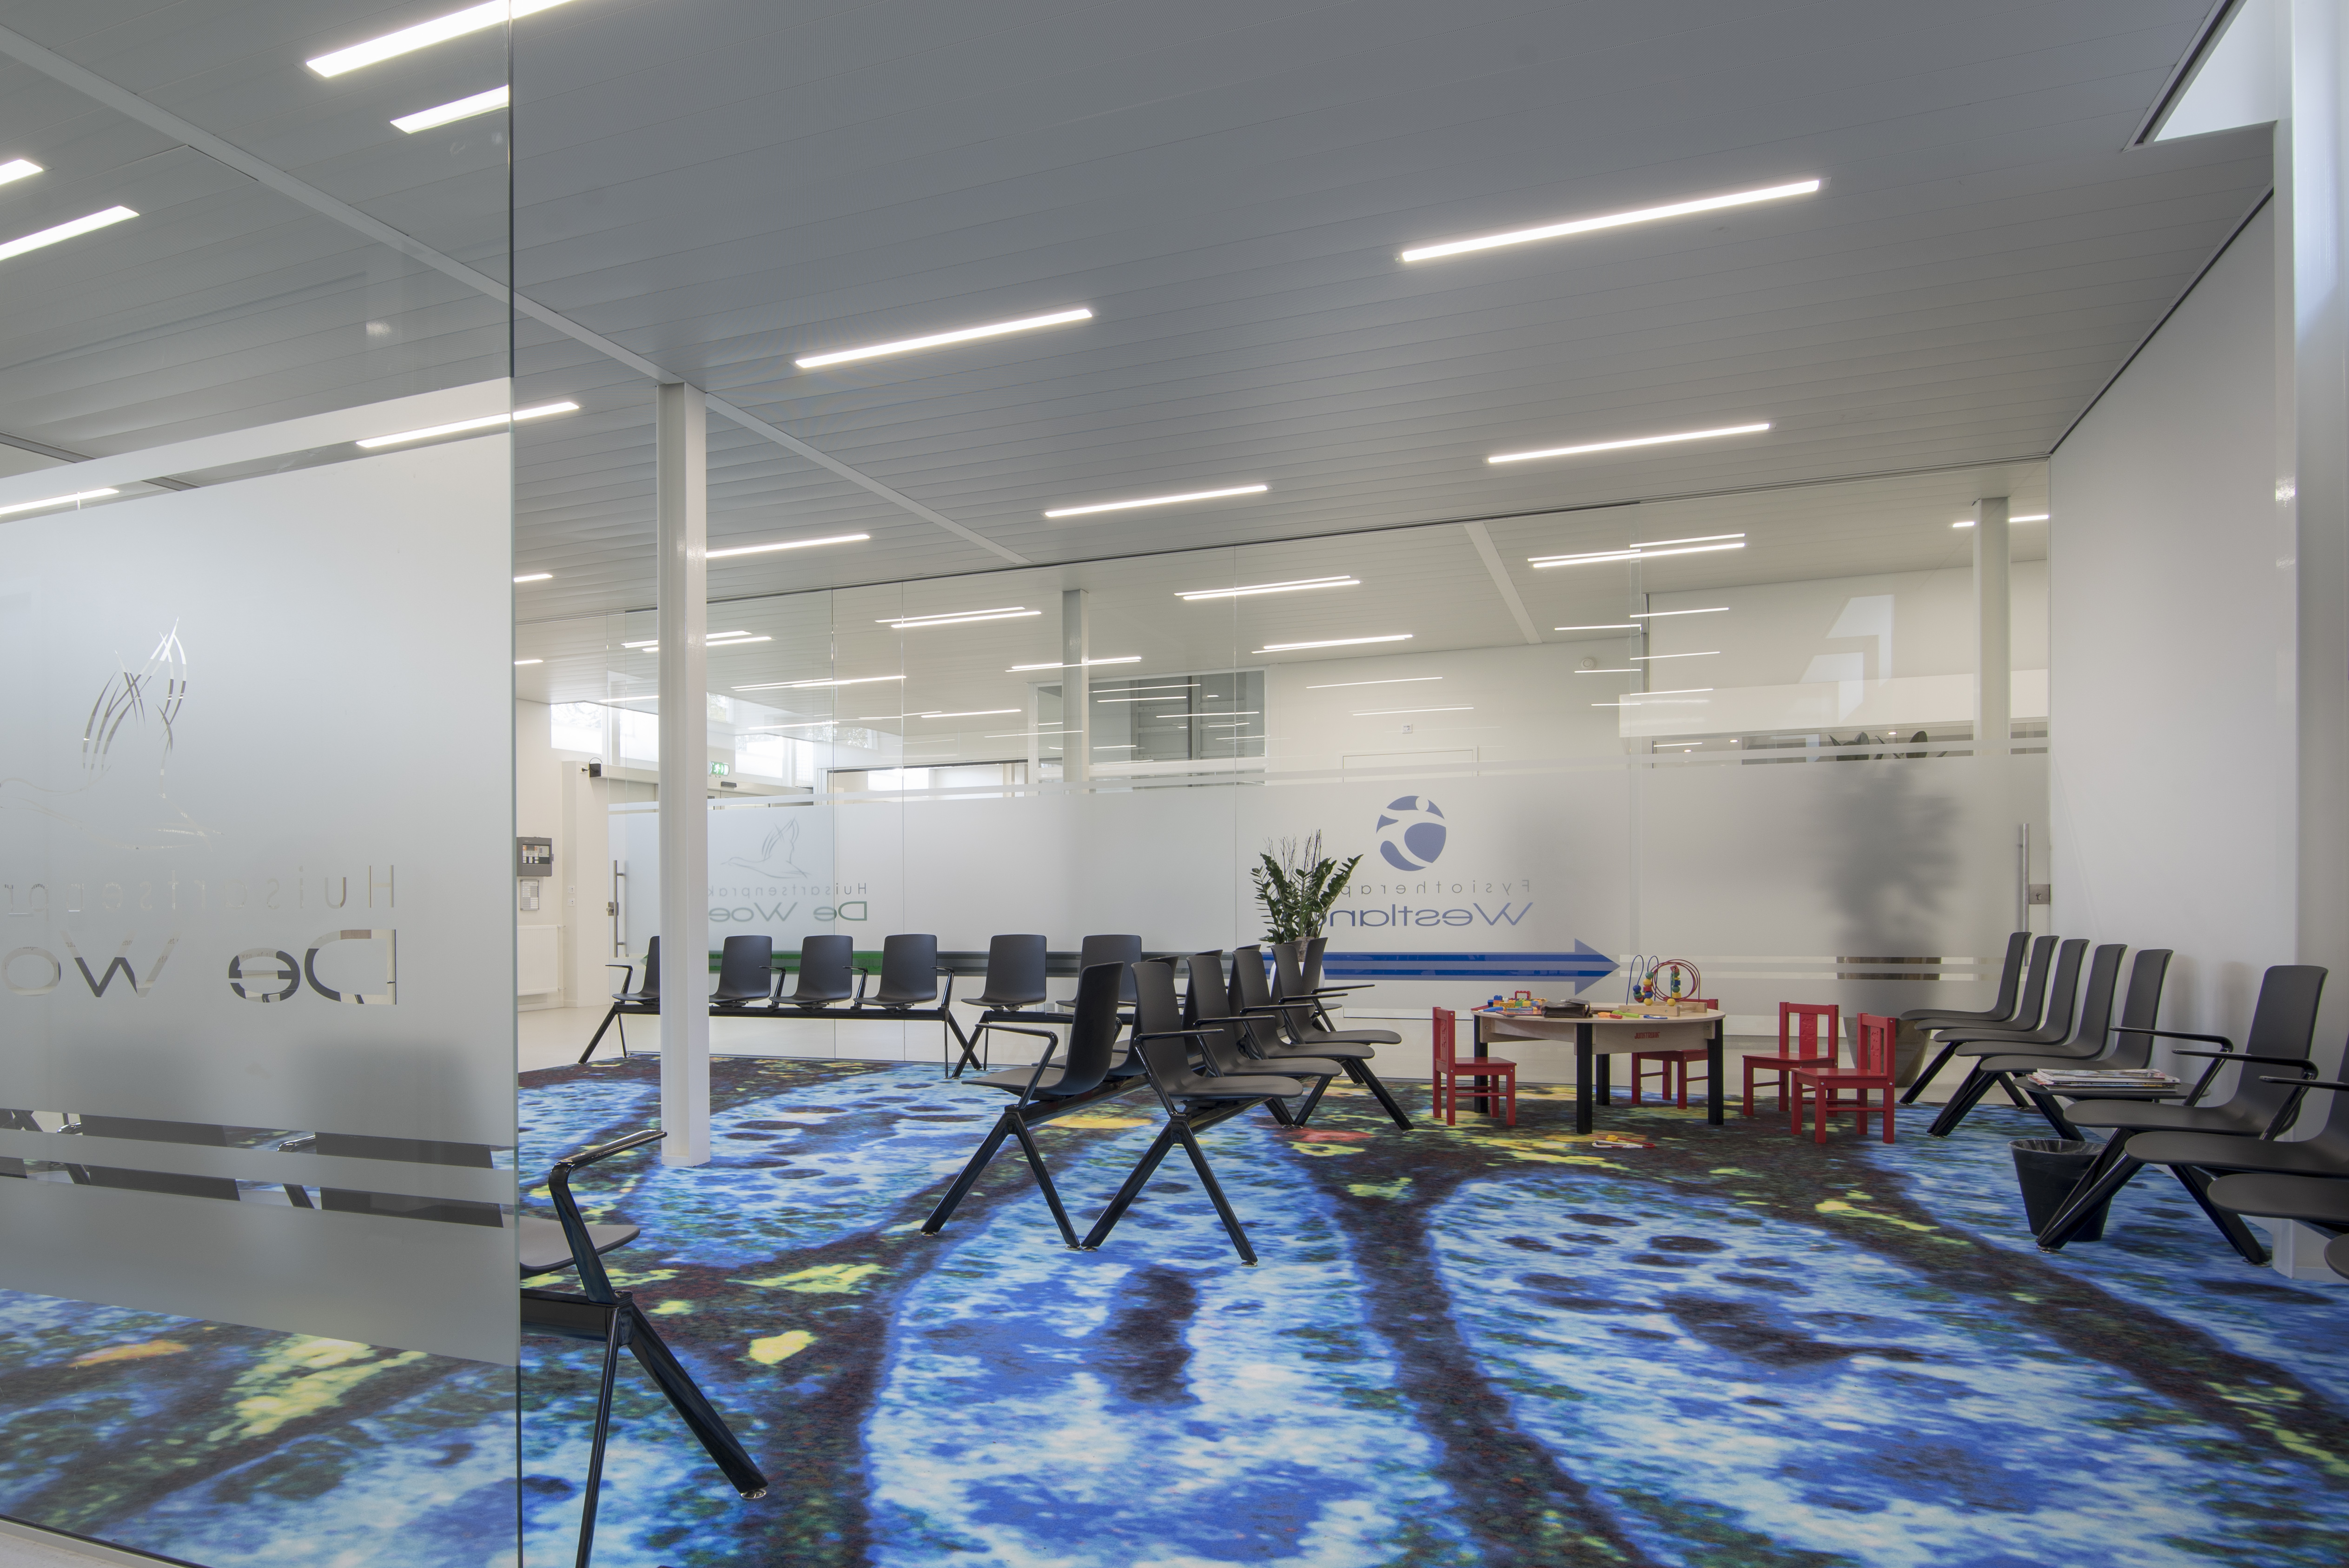 <p>Wachtruimten huisartsen met immuno art patroon in De Kandelaar &#8211; HET architectenbureau</p>